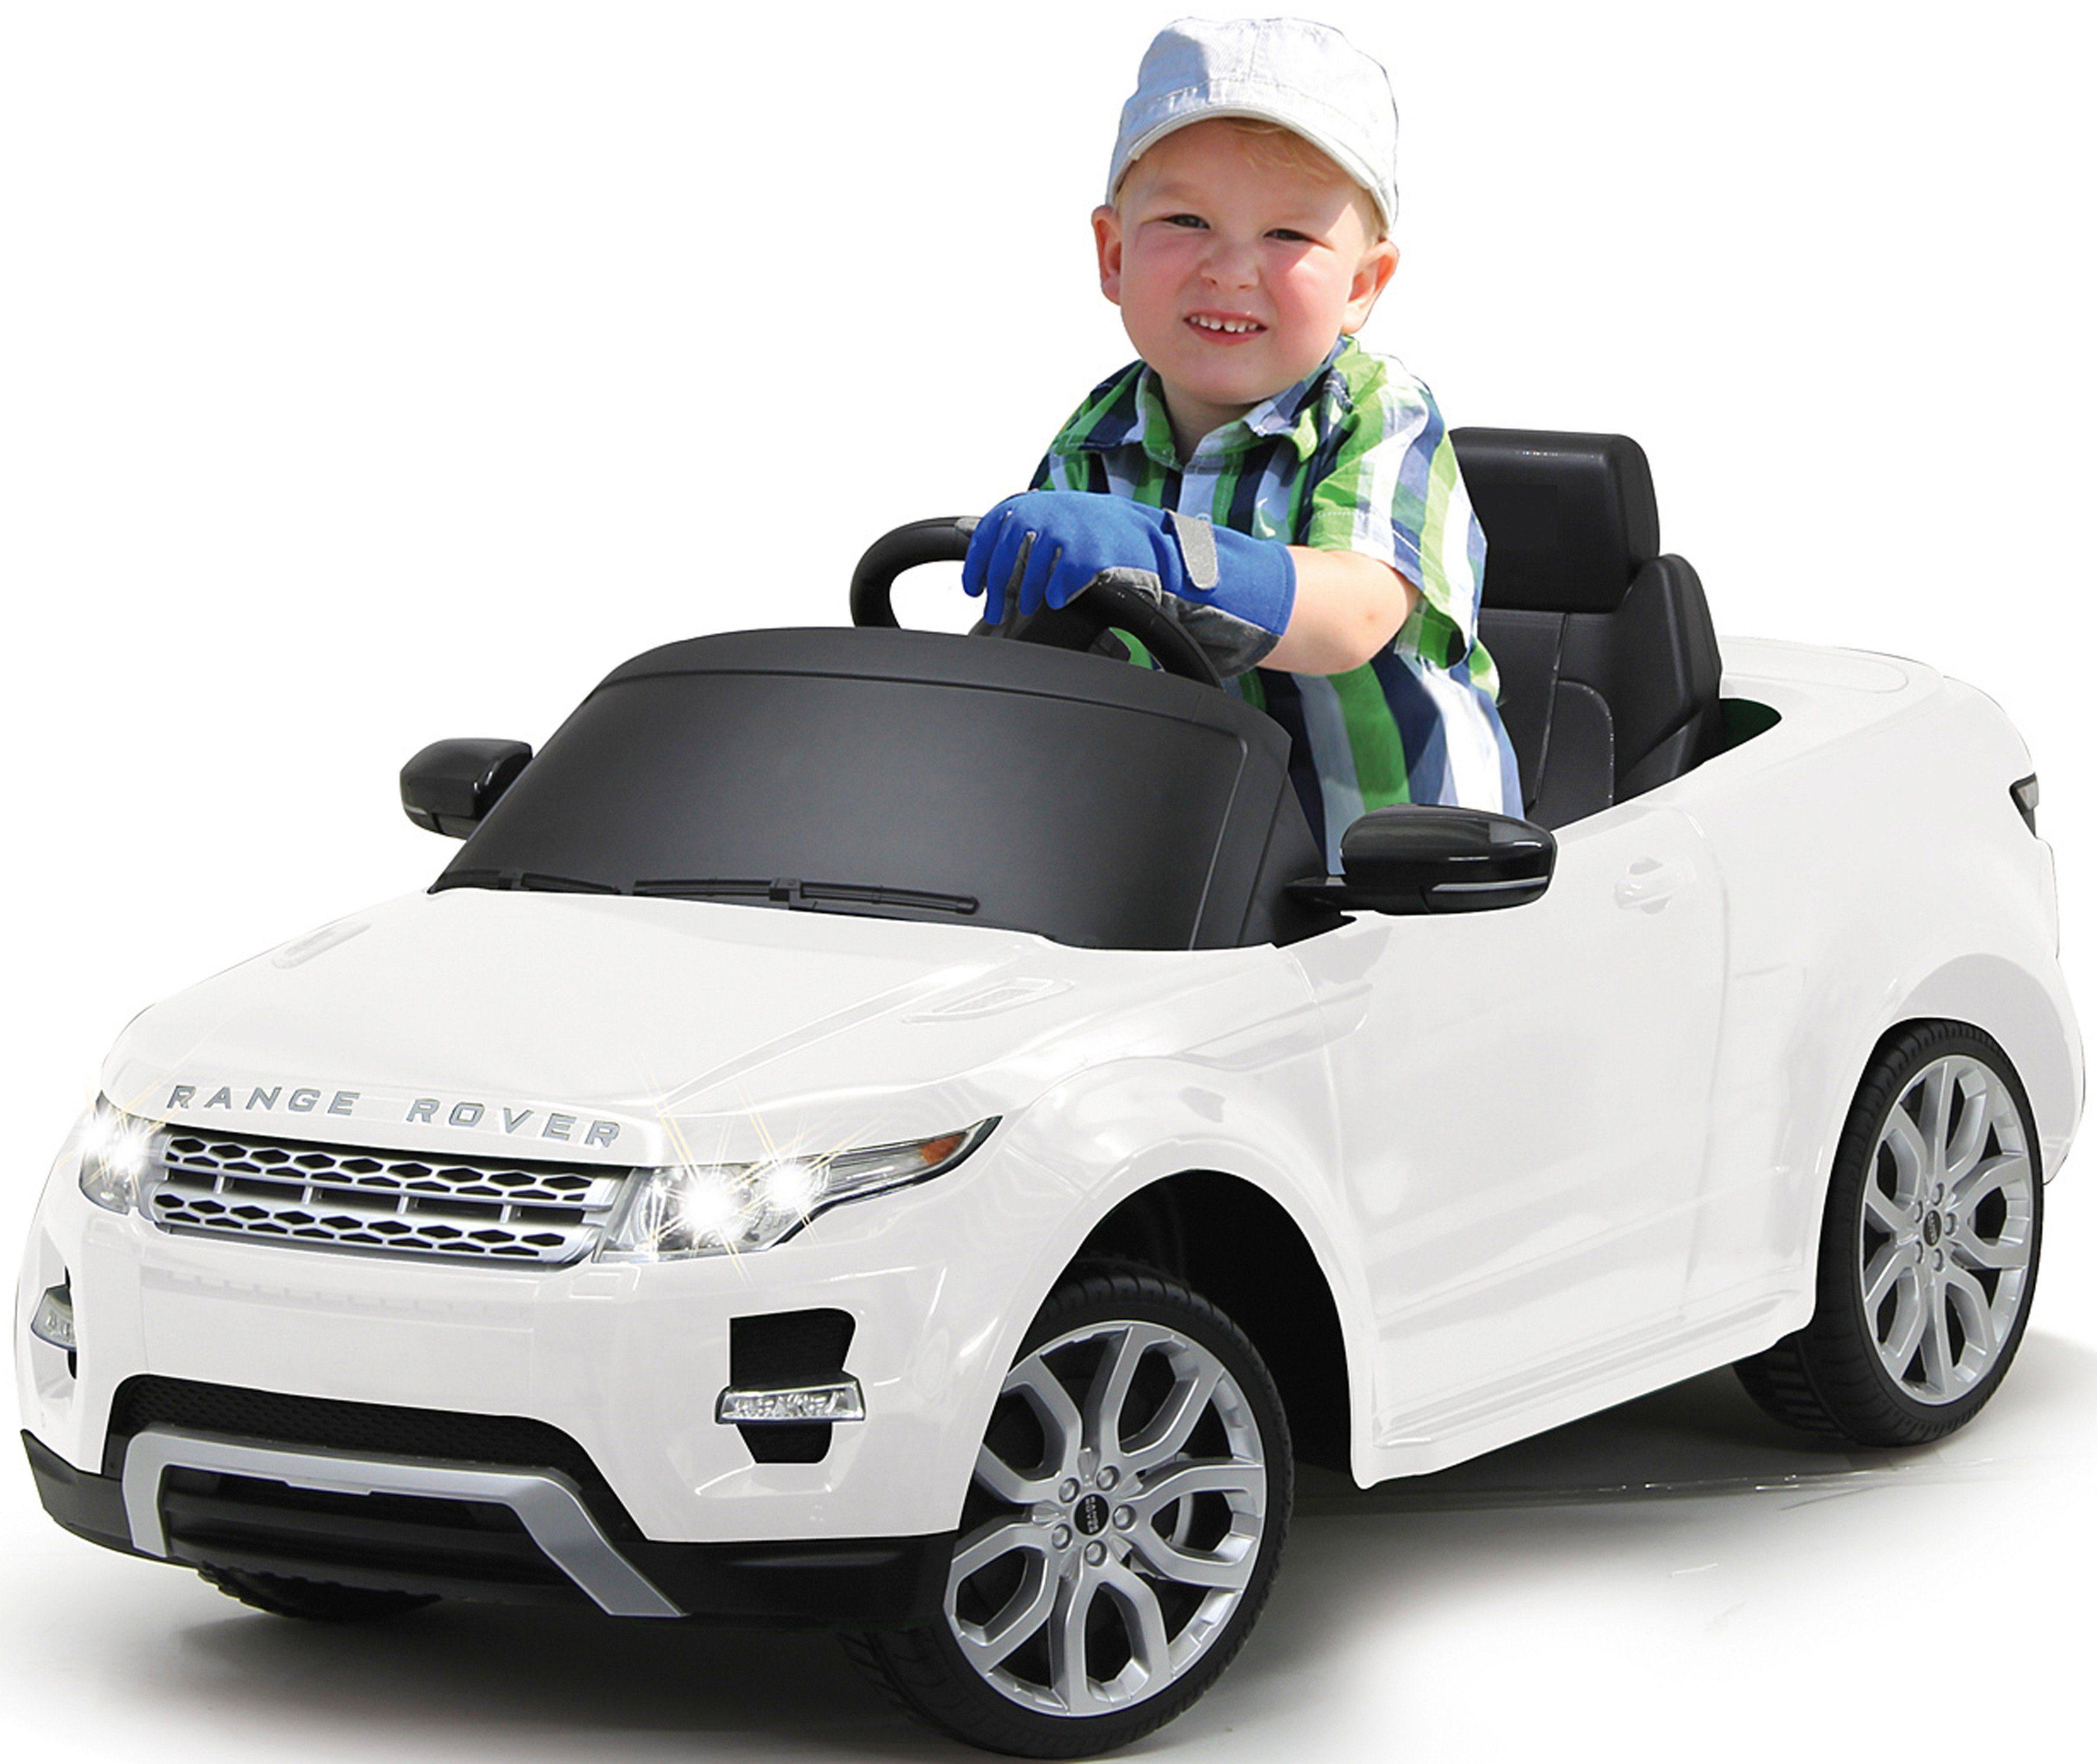 JAMARA KIDS Elektroauto »Ride-On Land Rover Evoque«, weiß, inkl. Fernsteuerung